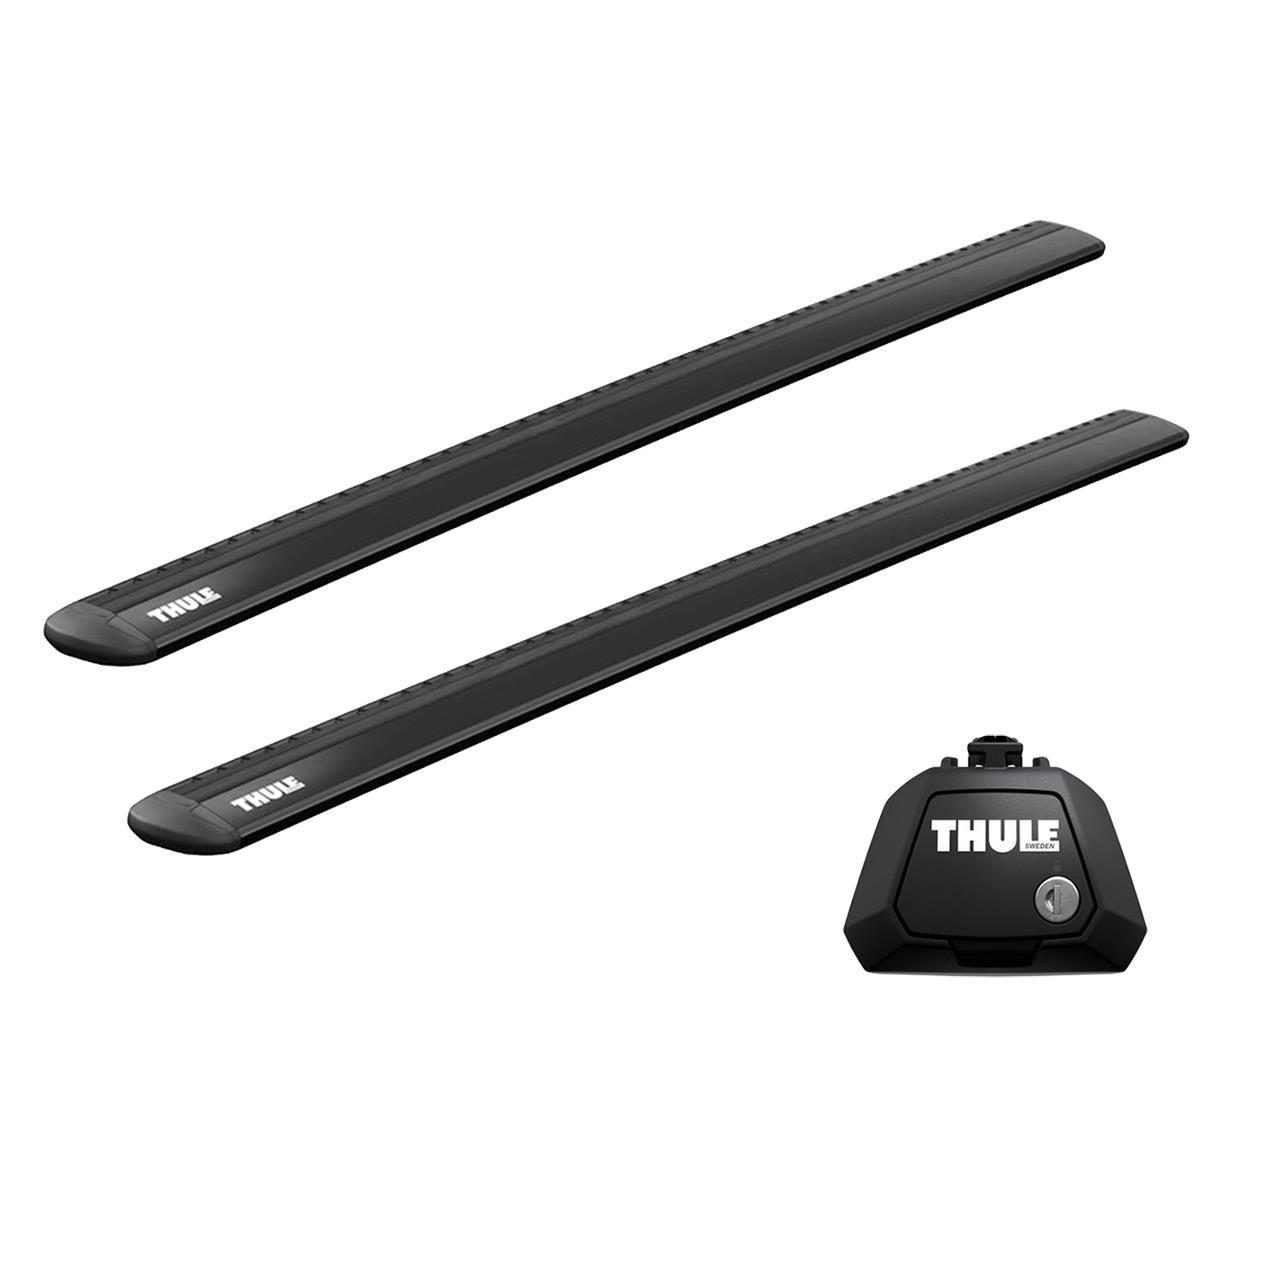 Напречни греди Thule Evo Raised Rail WingBar Evo 127cm в Черно за FIAT Freemont 5 врати SUV 2012- с фабрични надлъжни греди с просвет 1